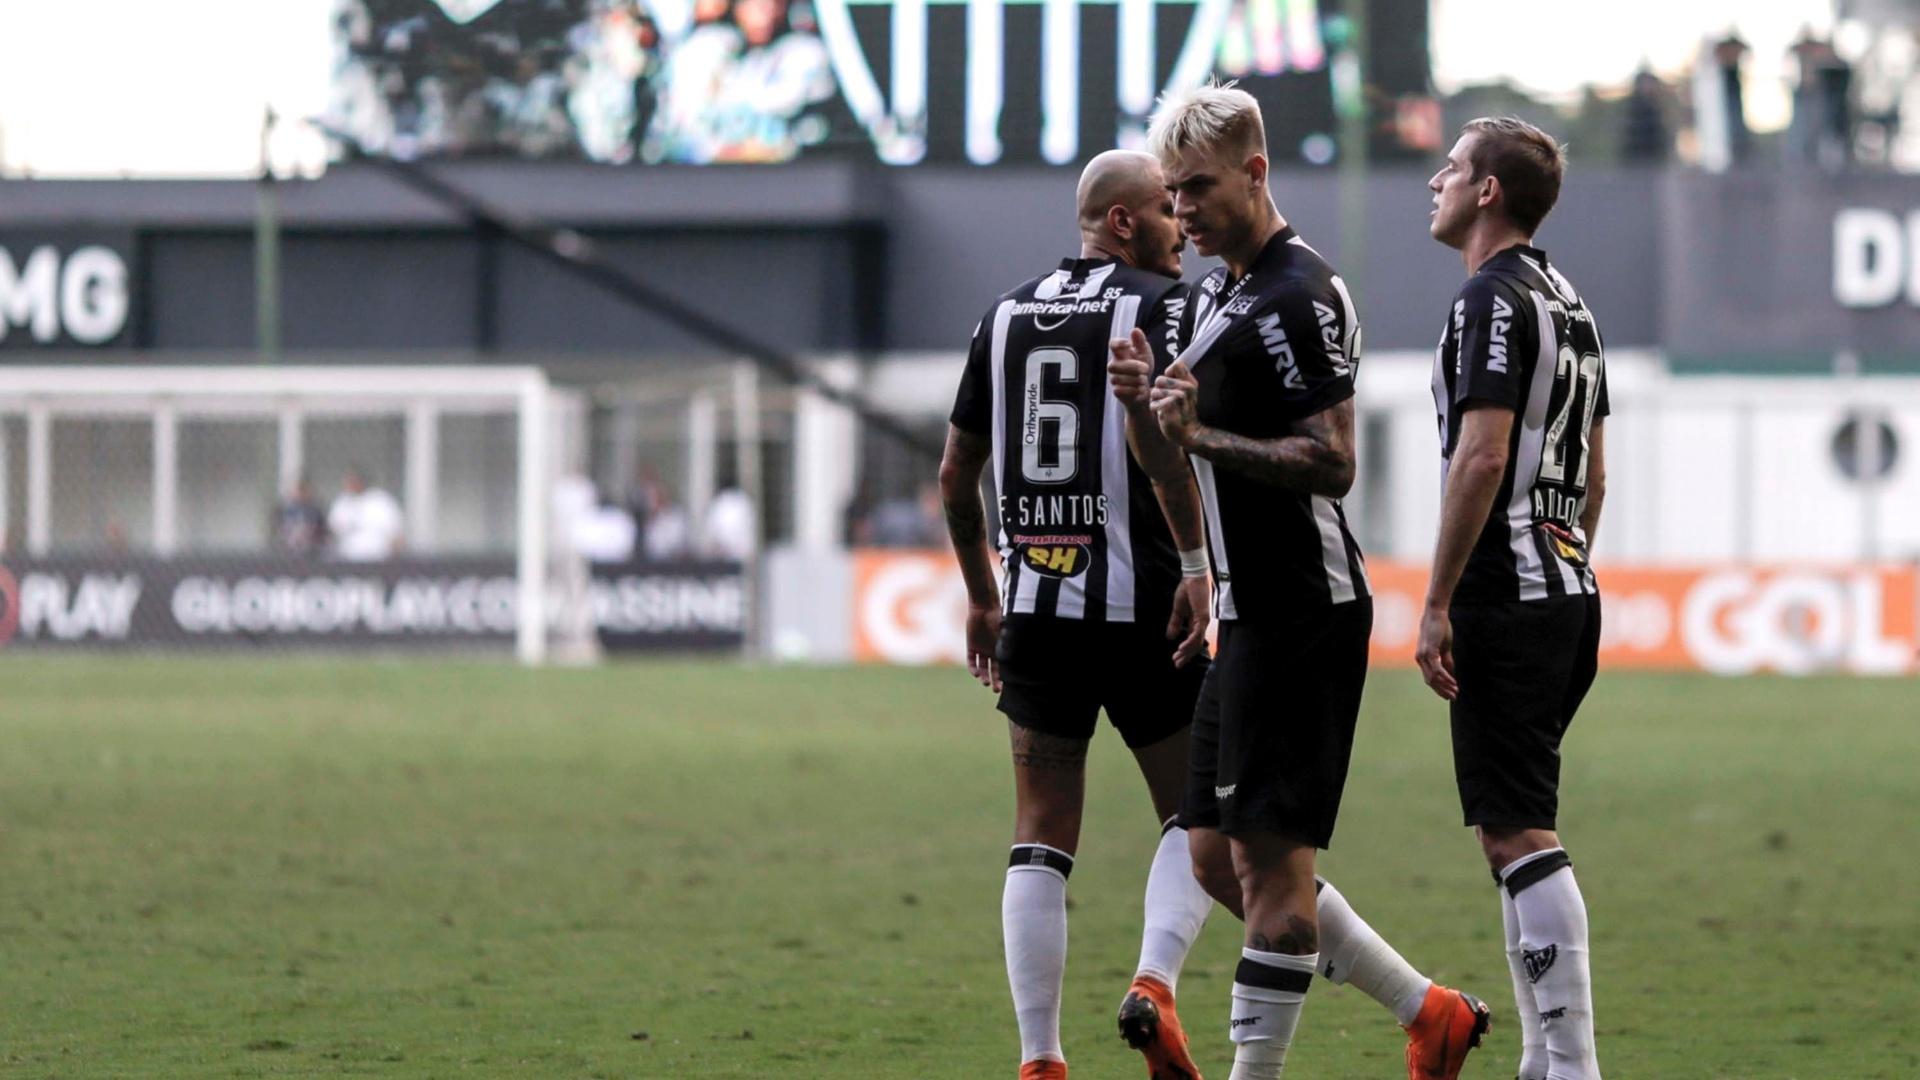 Roger Guedes comemora gol do Atlético-MG diante do Fluminense no Independência pelo Campeonato Brasileiro 2018